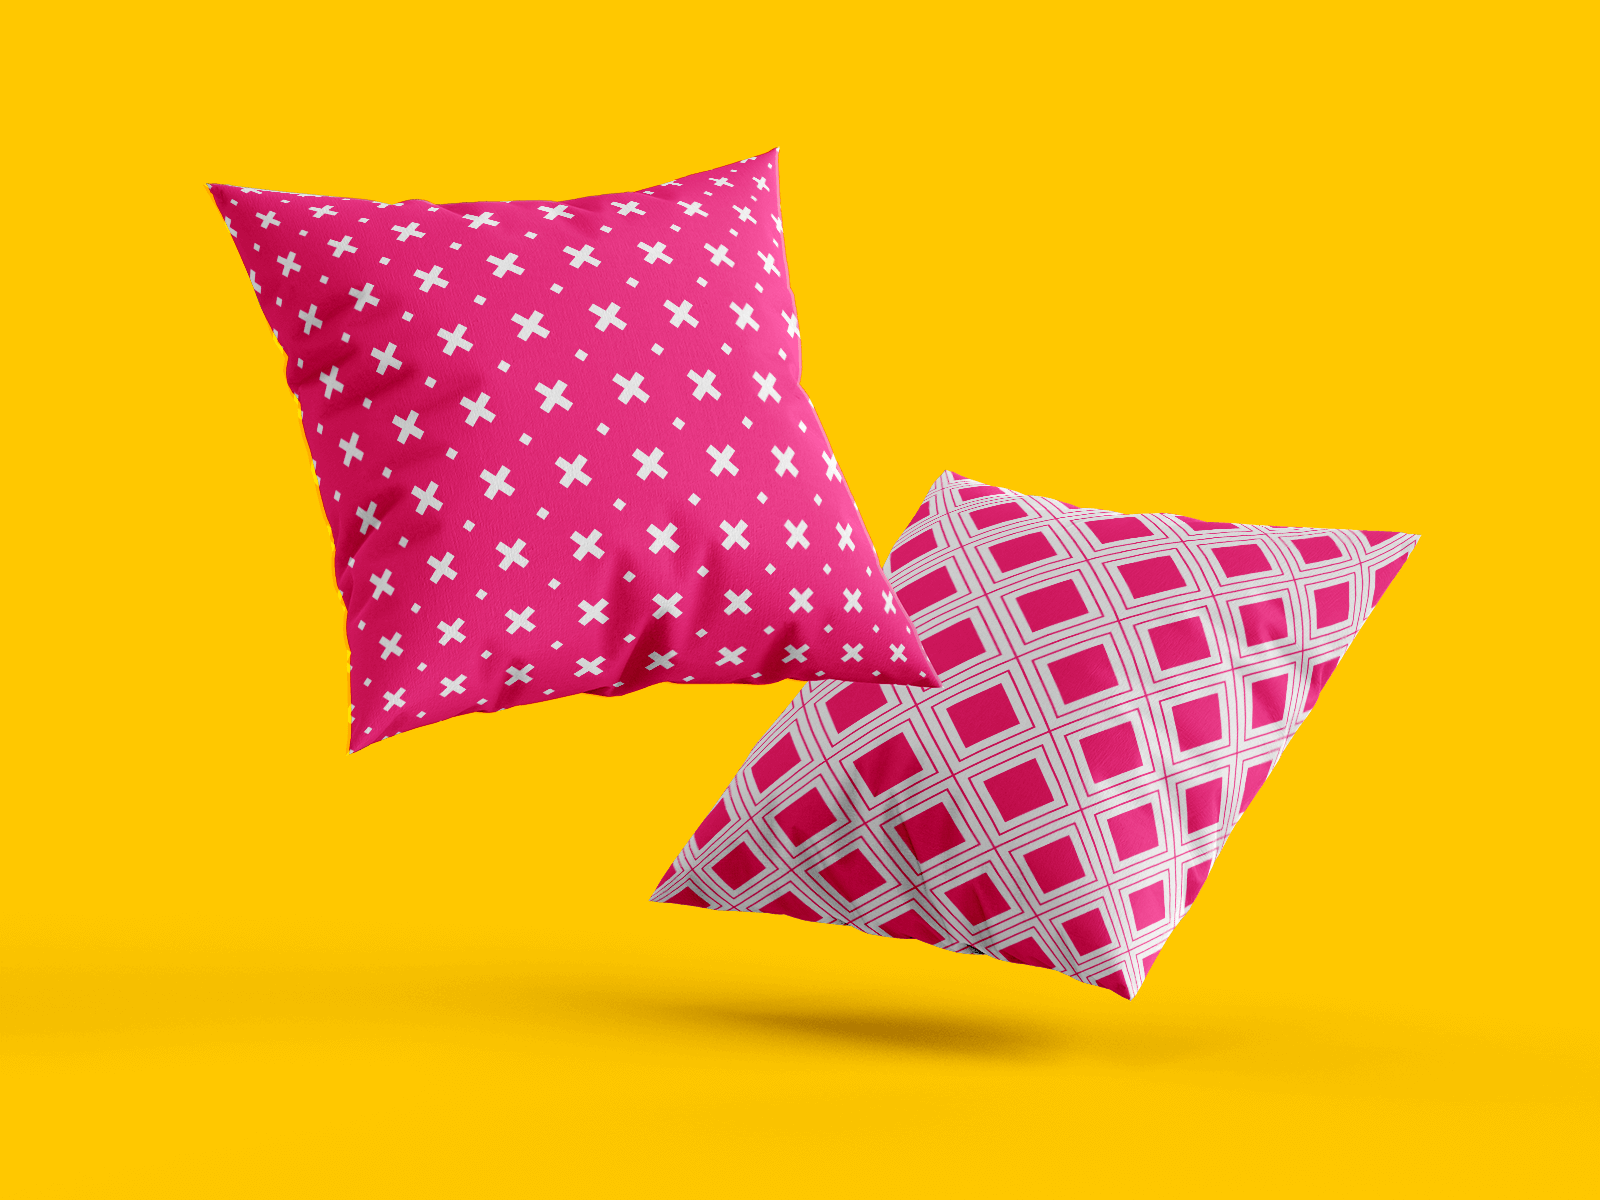 Mockup of Pillows